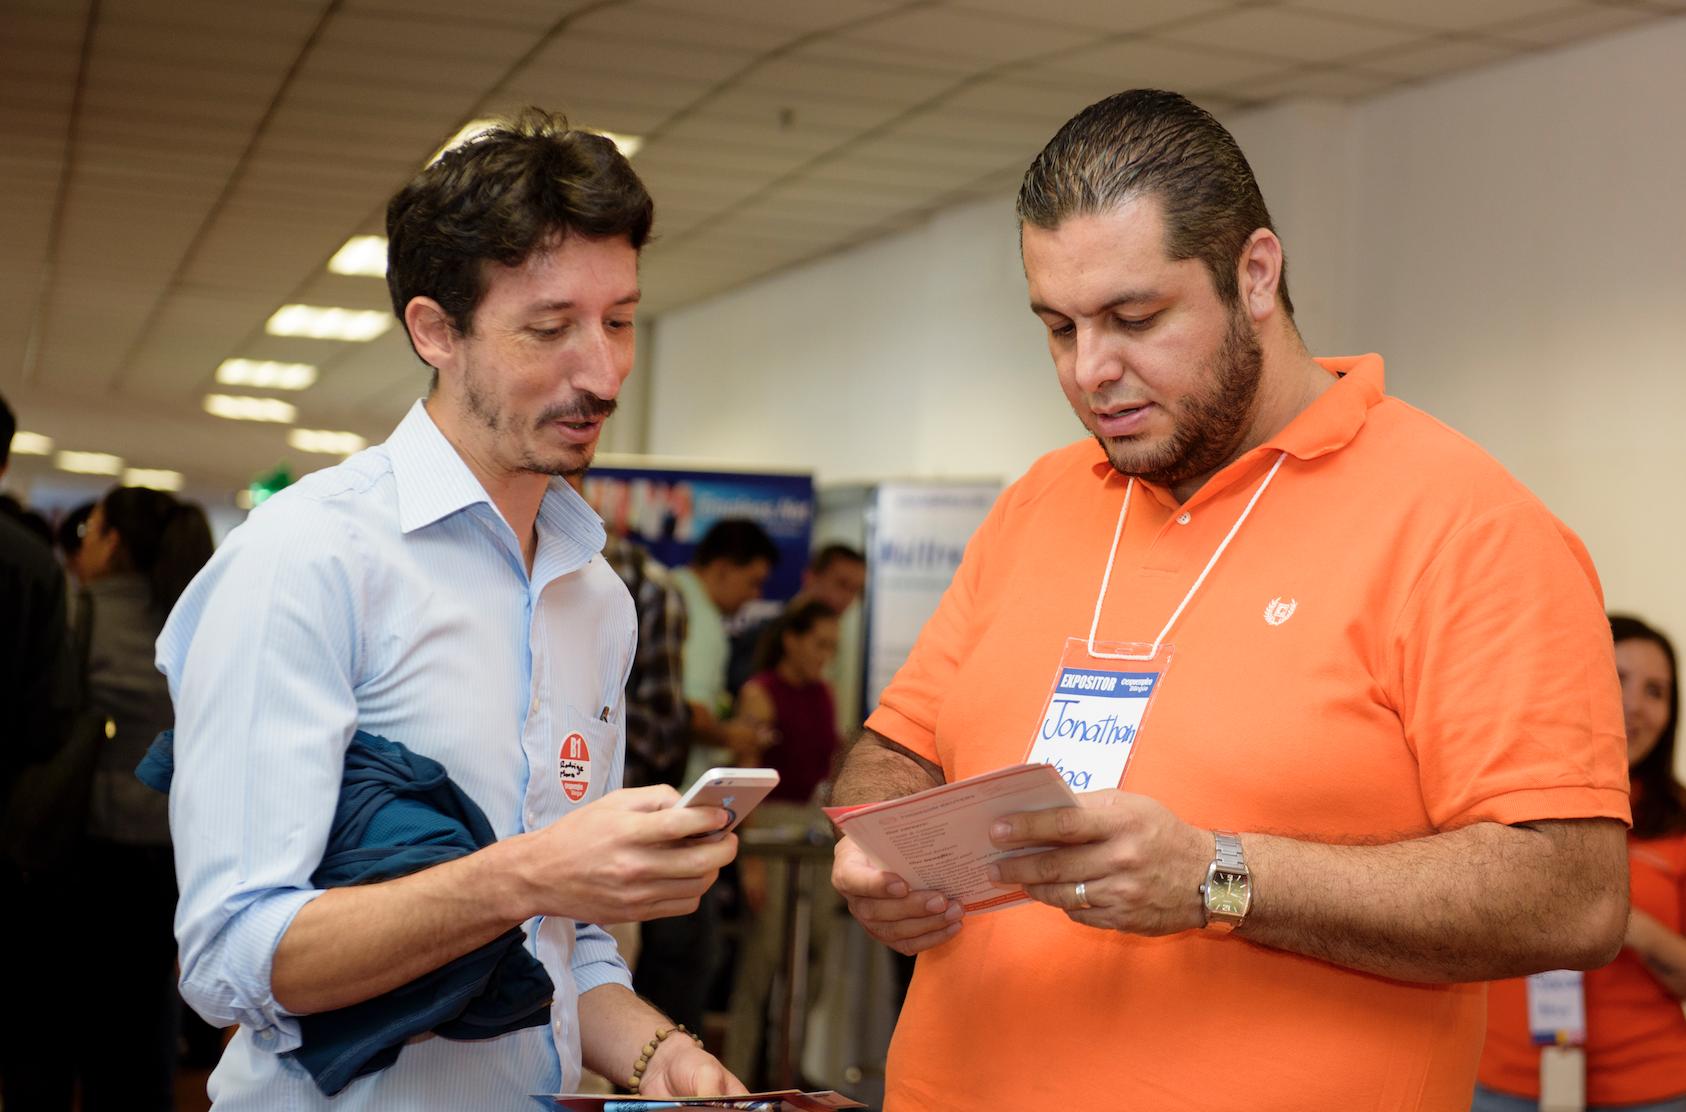 https://www.ekaenlinea.com/wp-content/uploads/2018/04/oportunidades-laborales.png